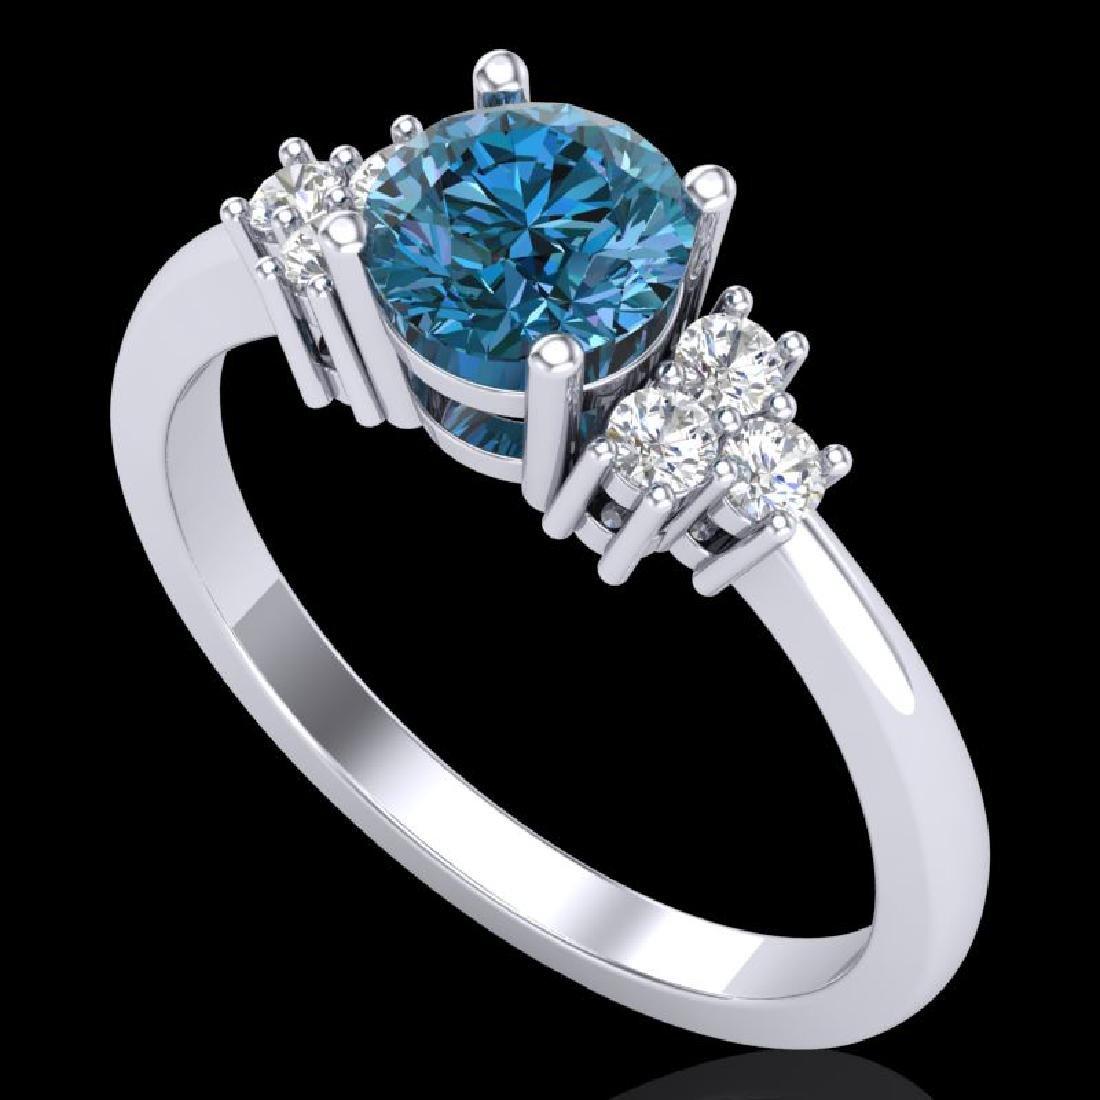 1 CTW Fancy Intense Blue Diamond Solitaire Engagement